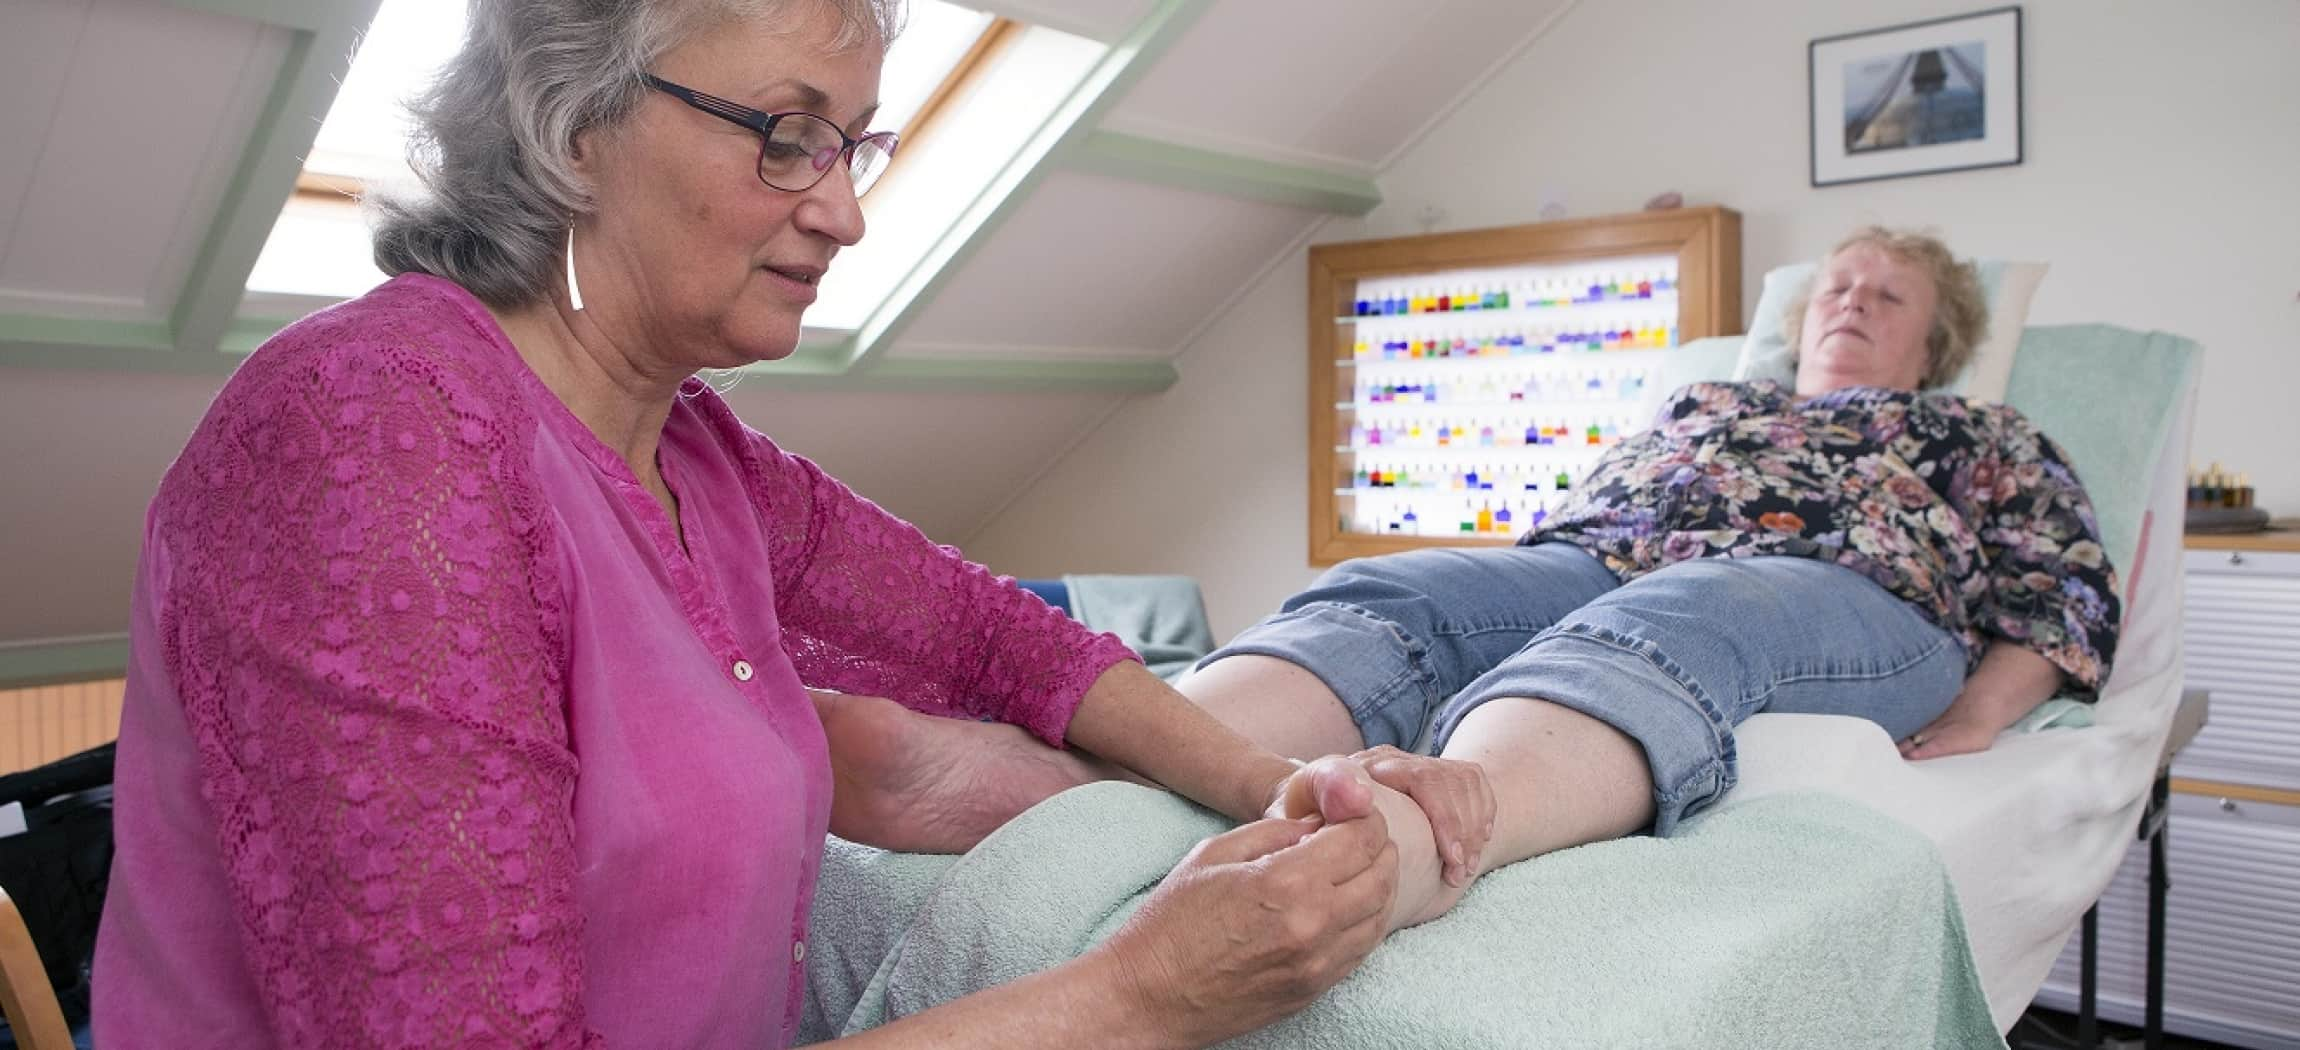 Vrouw met roze blouse masseert de voet van een vrouw die op een massagetafel ligt